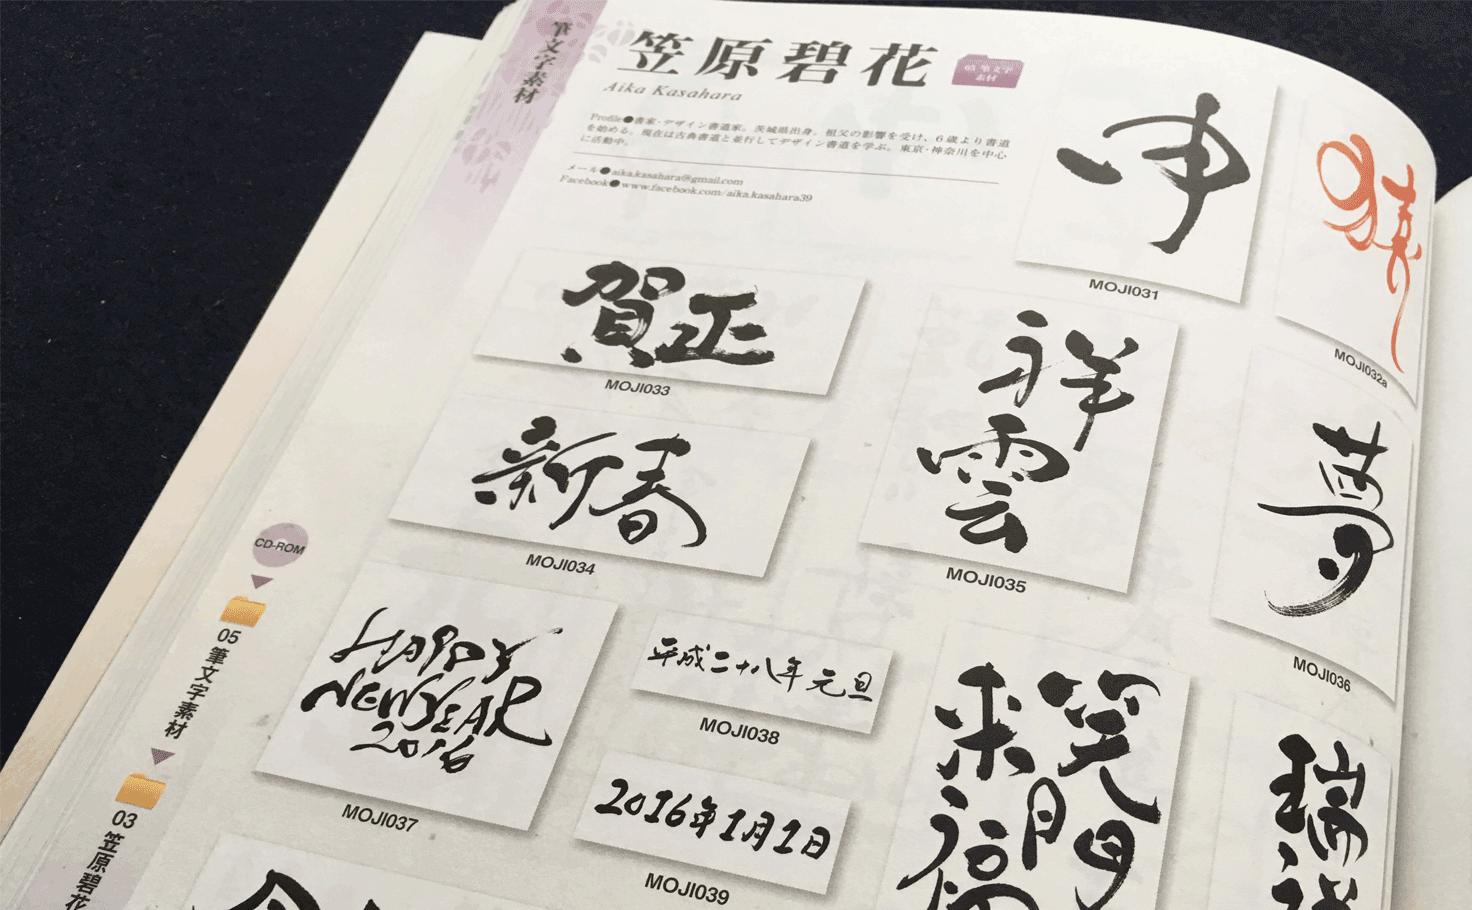 美麗年賀状の申、猿、笑門来福、賀正など筆文字素材